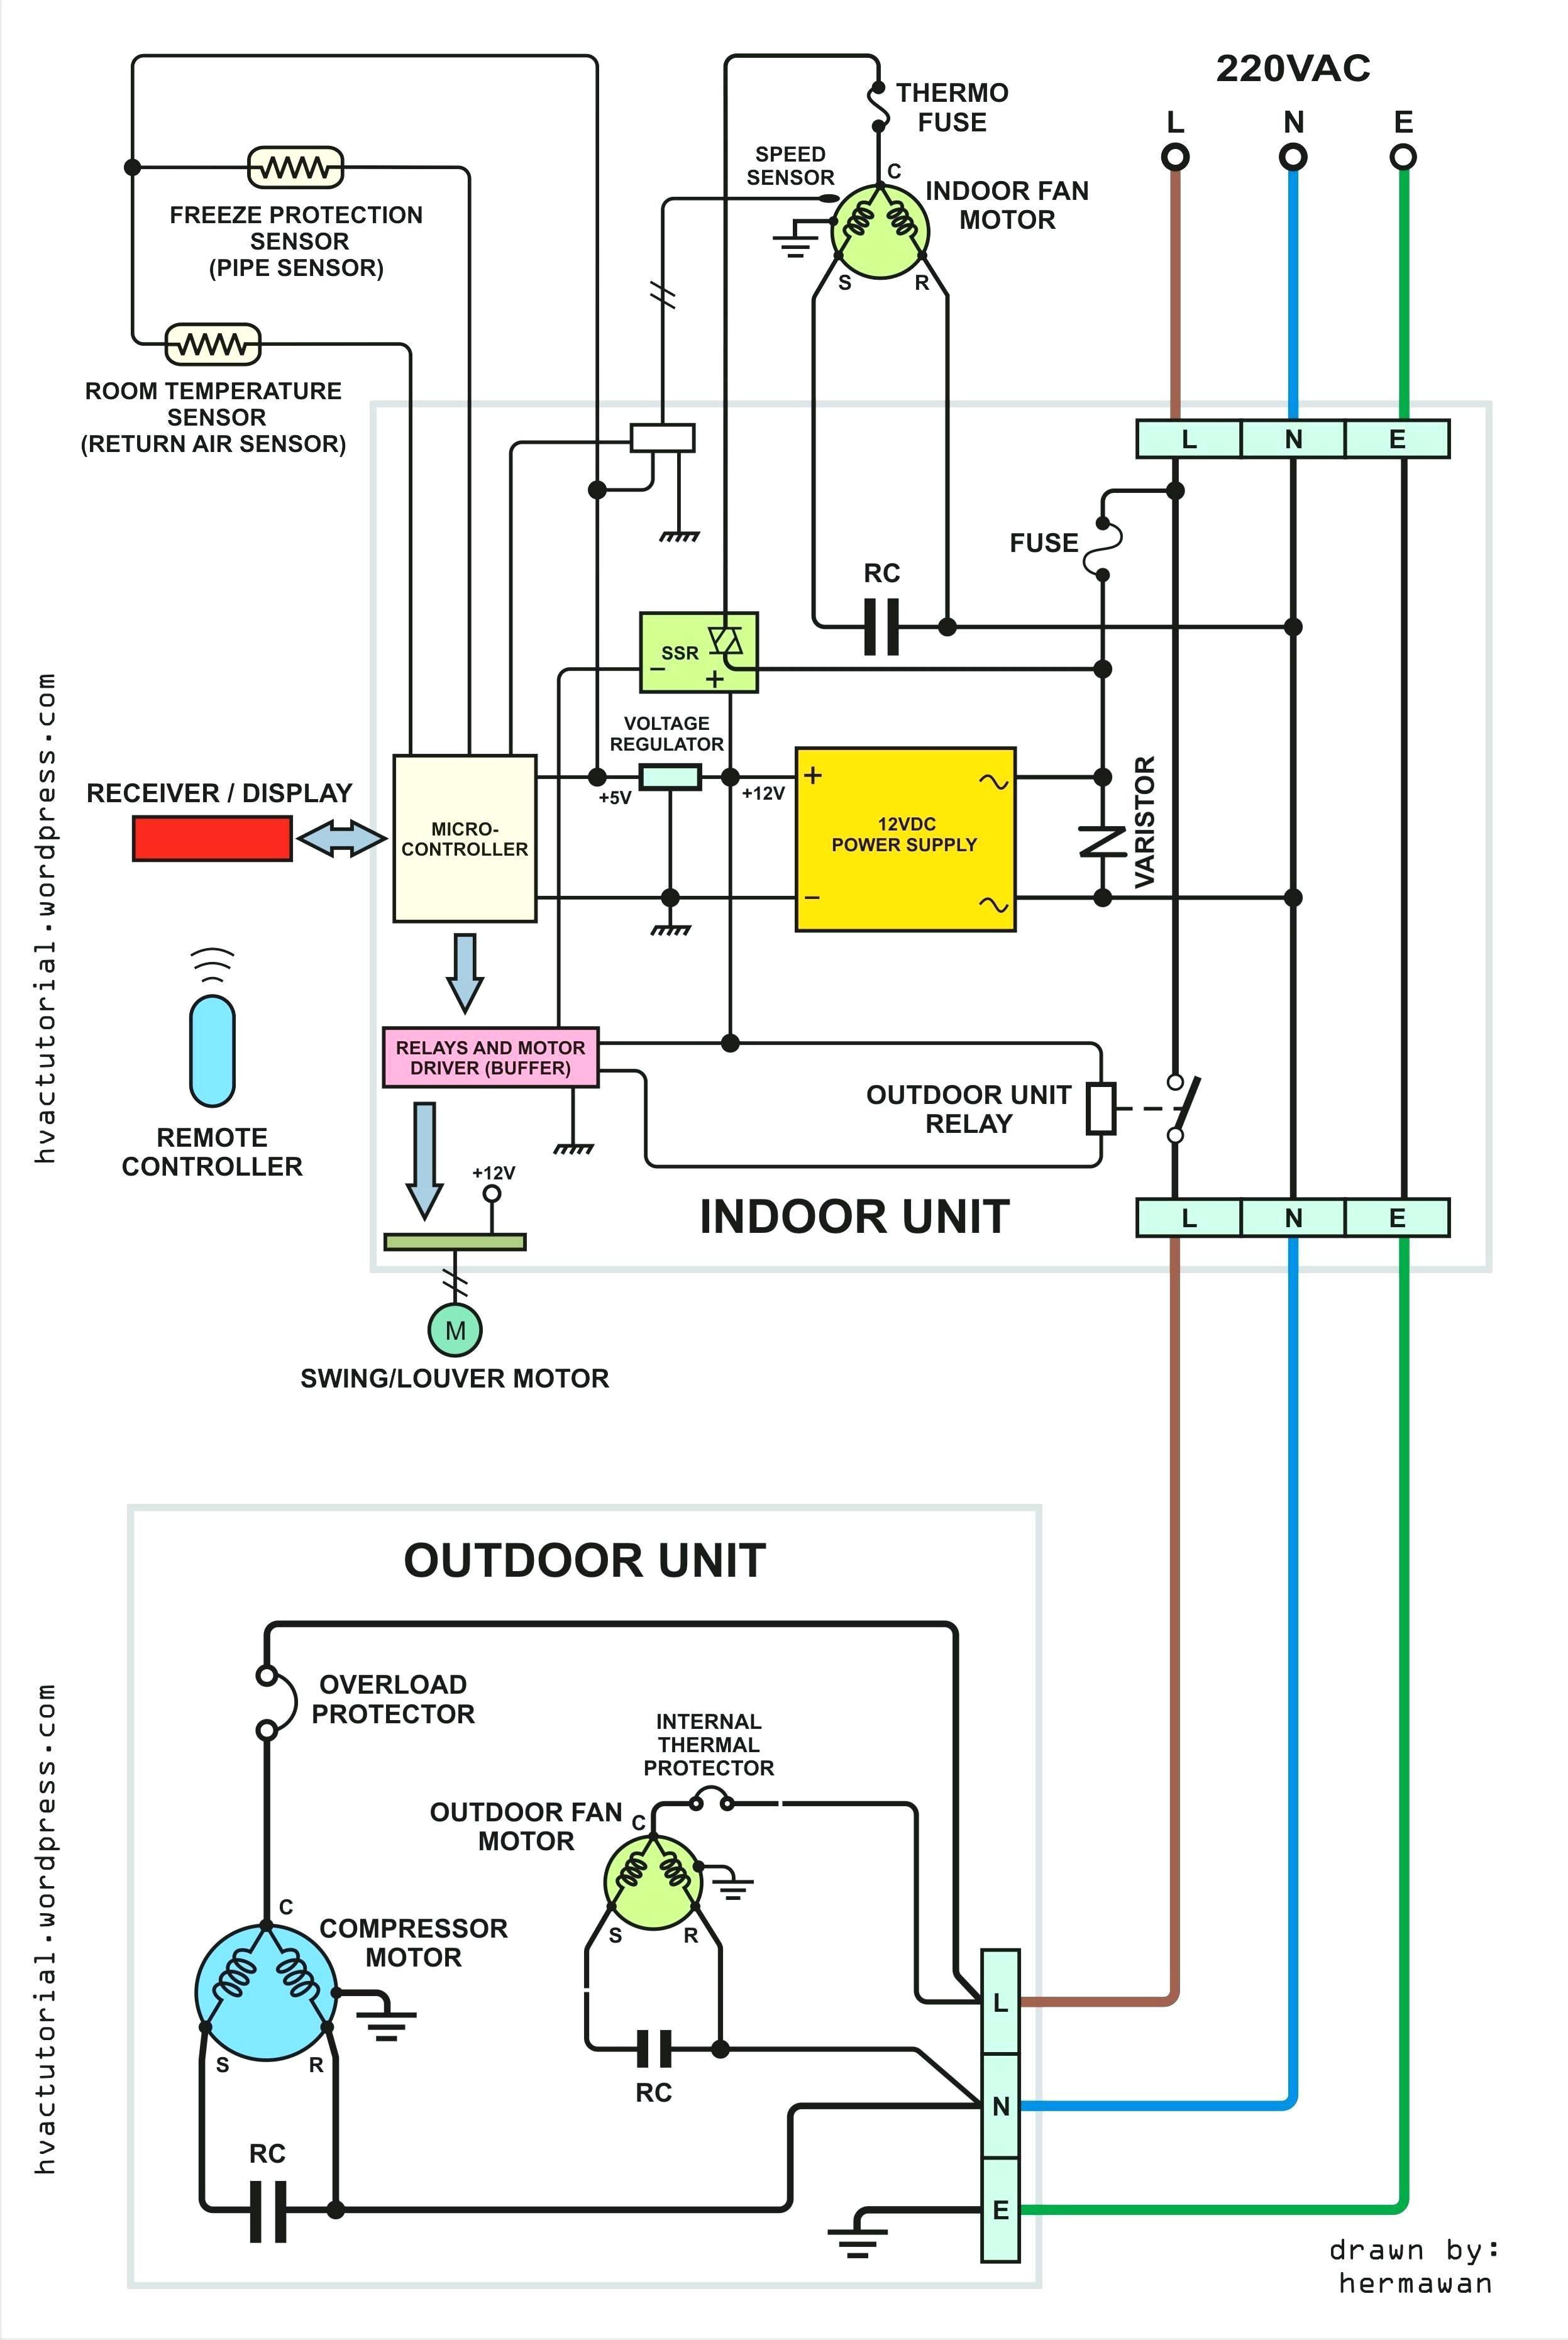 simple series circuit diagram circuit diagrams for the od auto simple series circuit diagram circuit diagrams for the od